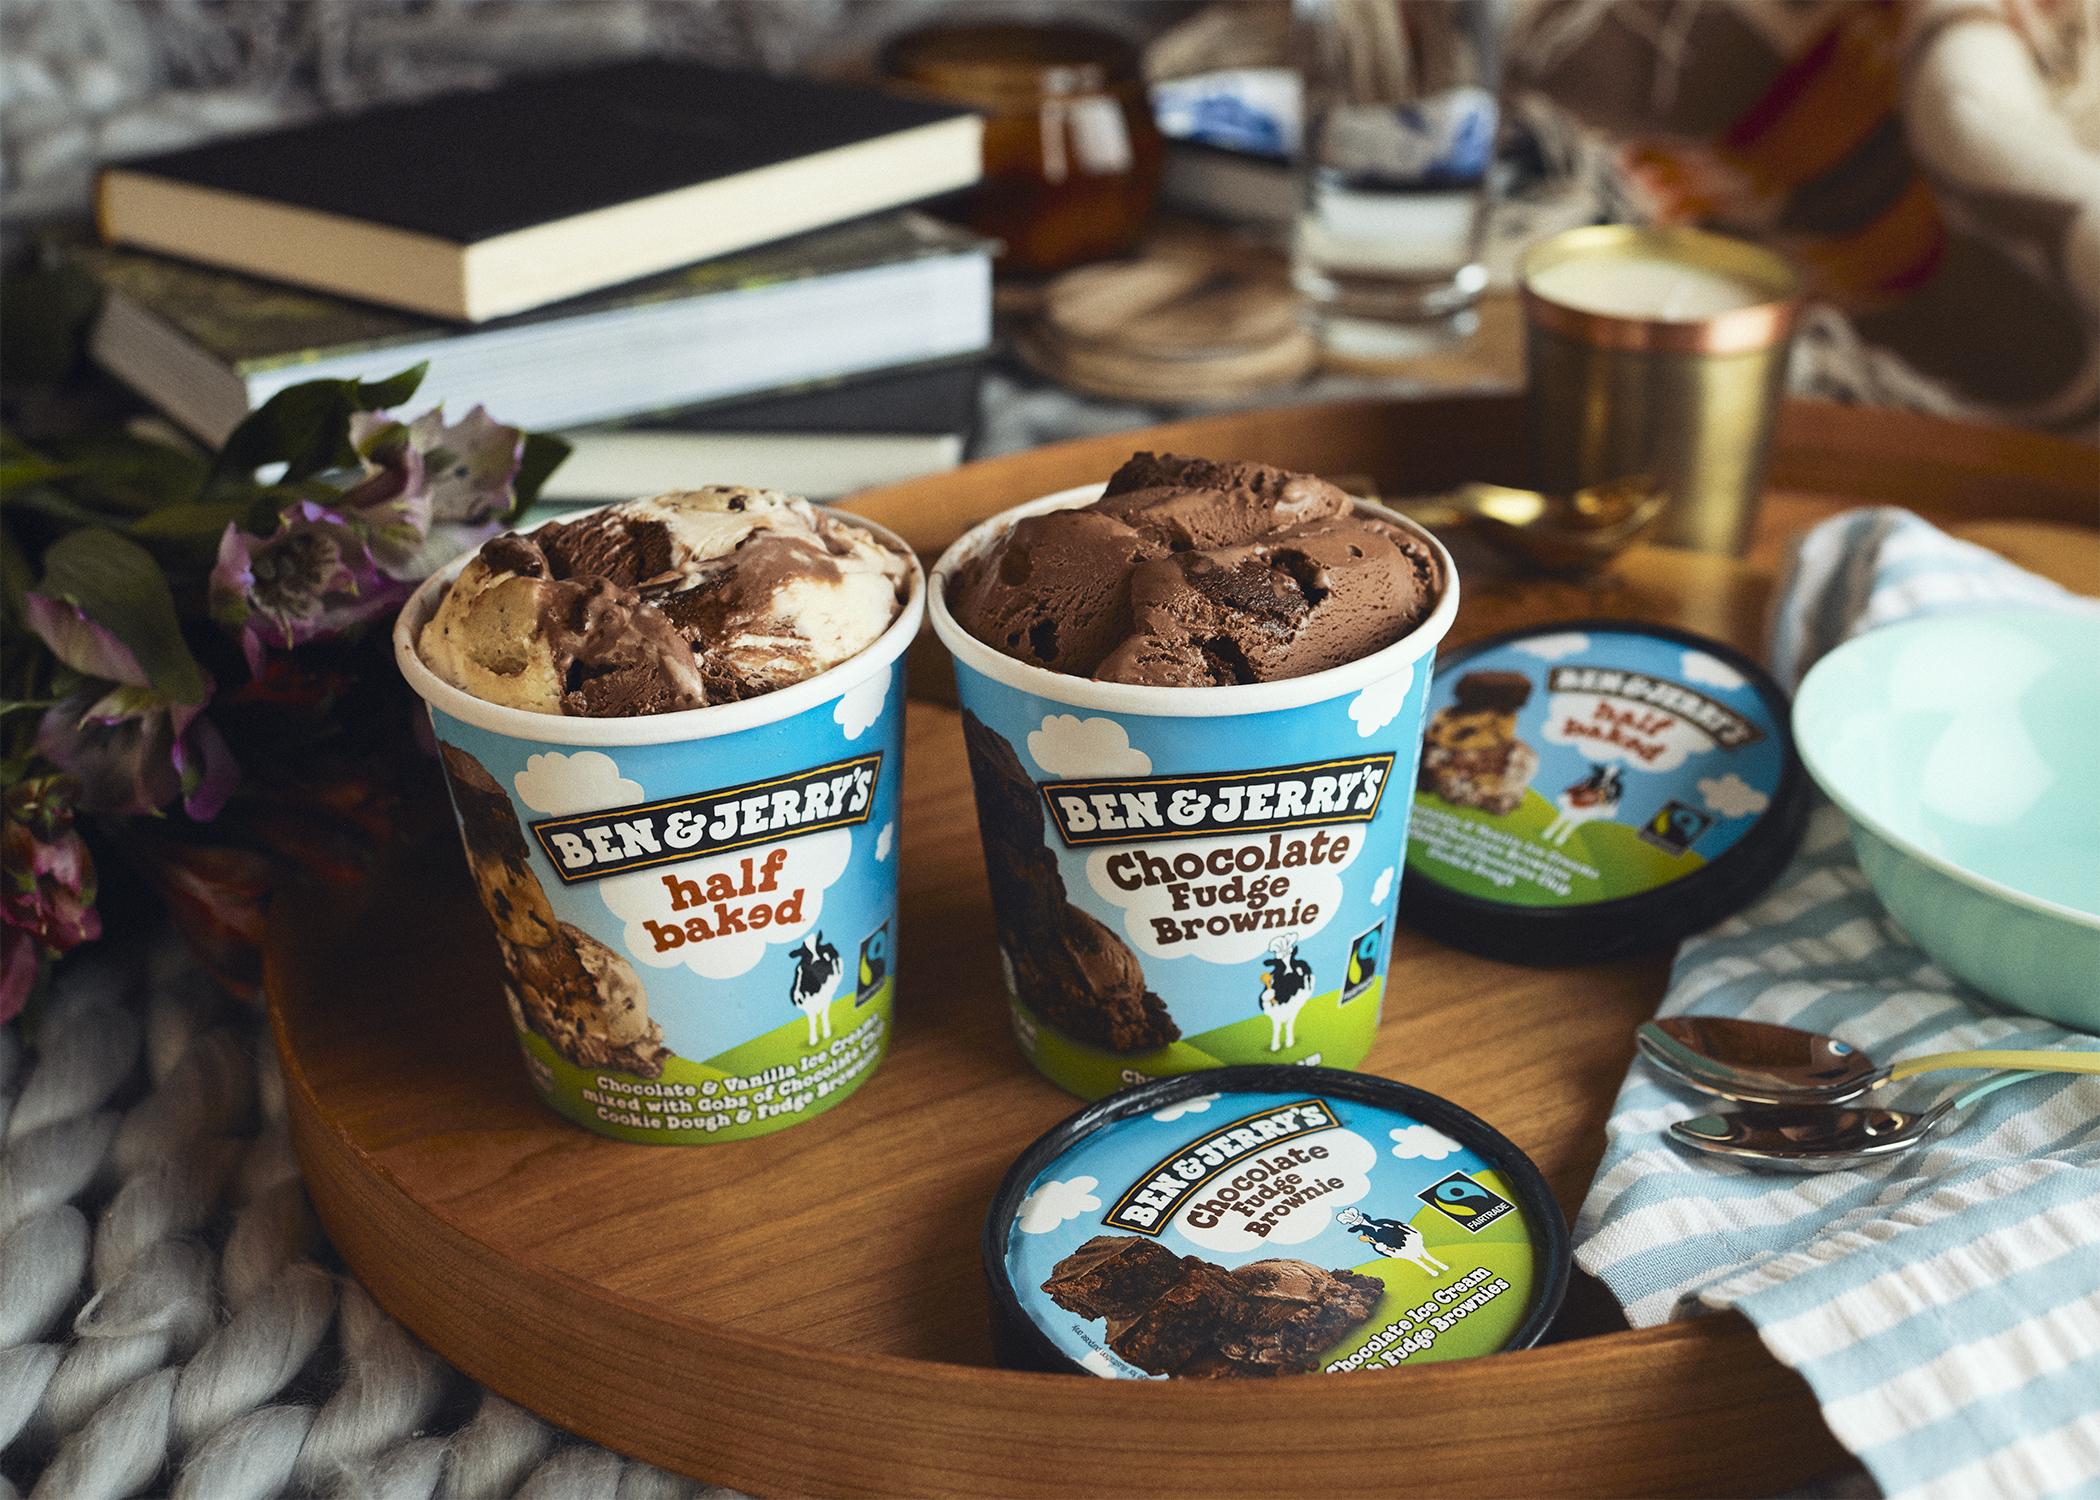 BNJ0088-half_baked-Chocolate_Fudge_Brownie-Cozy_Bed-3602.jpg